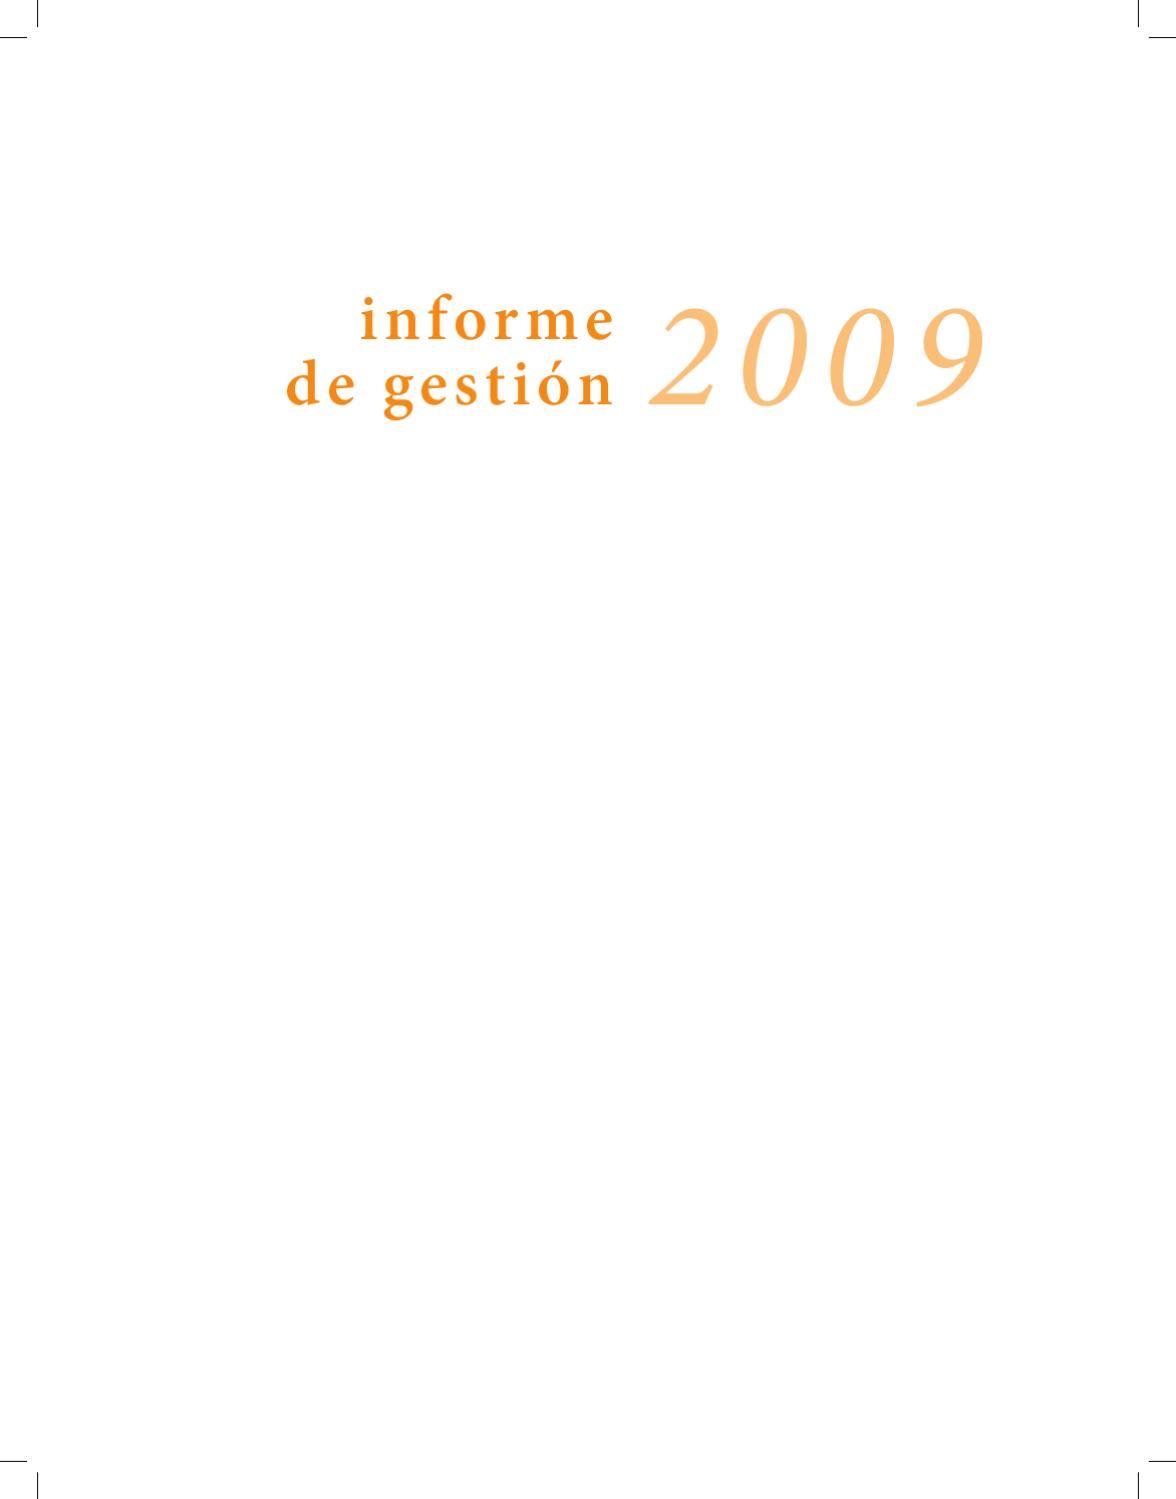 Informe de Gestión 2009 by EuphoriaNet - issuu